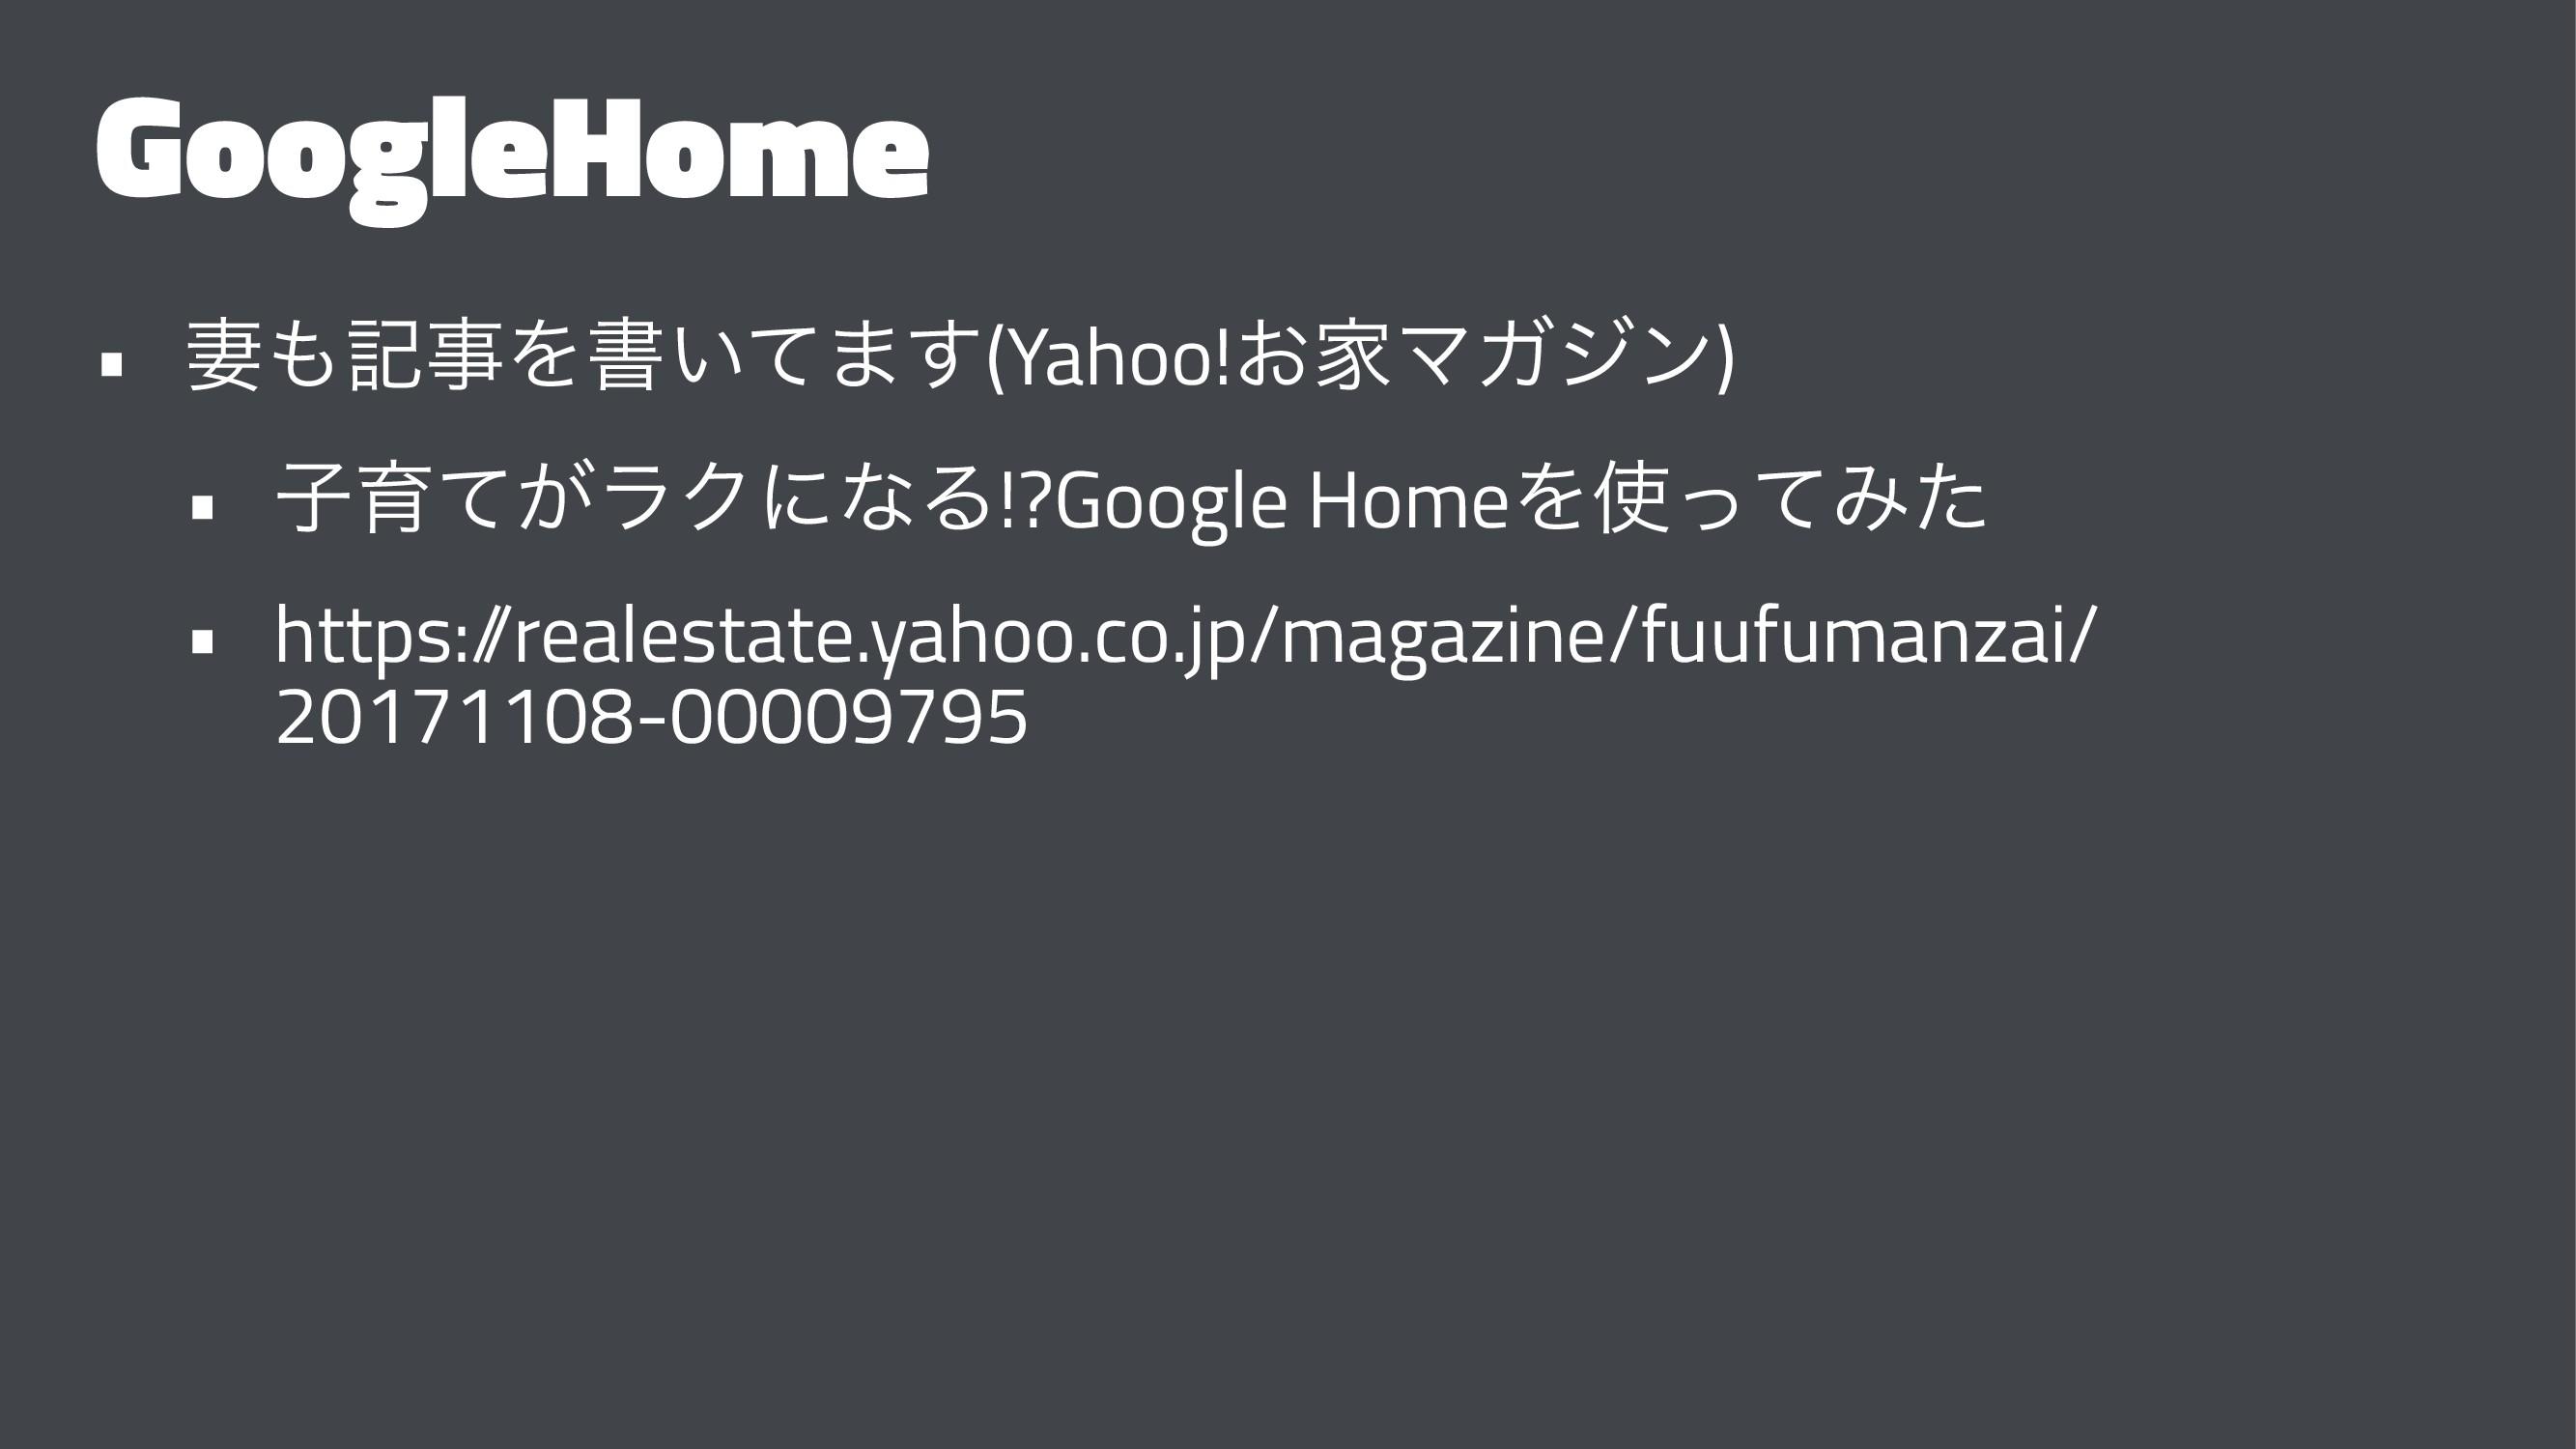 GoogleHome • ࠺هΛॻ͍ͯ·͢(Yahoo!͓ՈϚΨδϯ) • ࢠҭ͕ͯϥΫʹ...